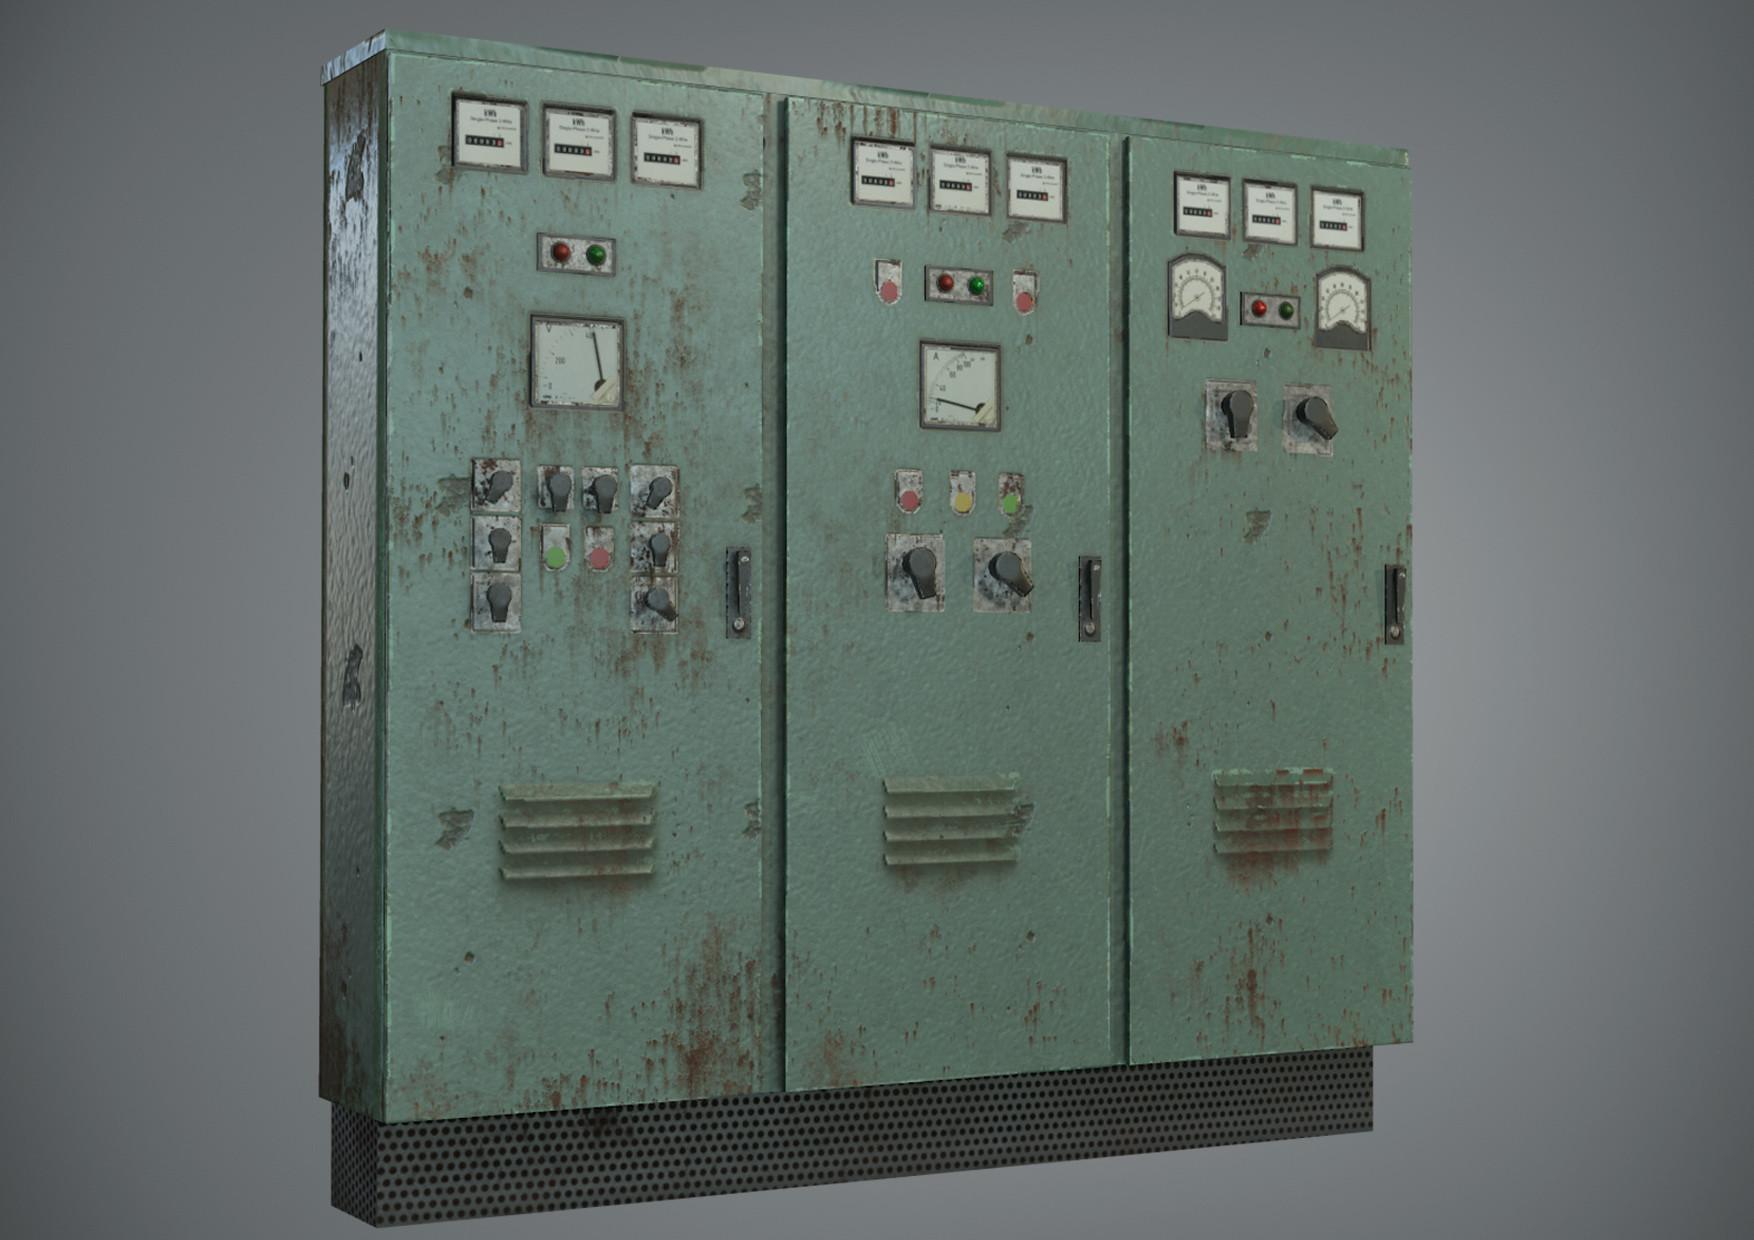 Andrew constantine electricpanel